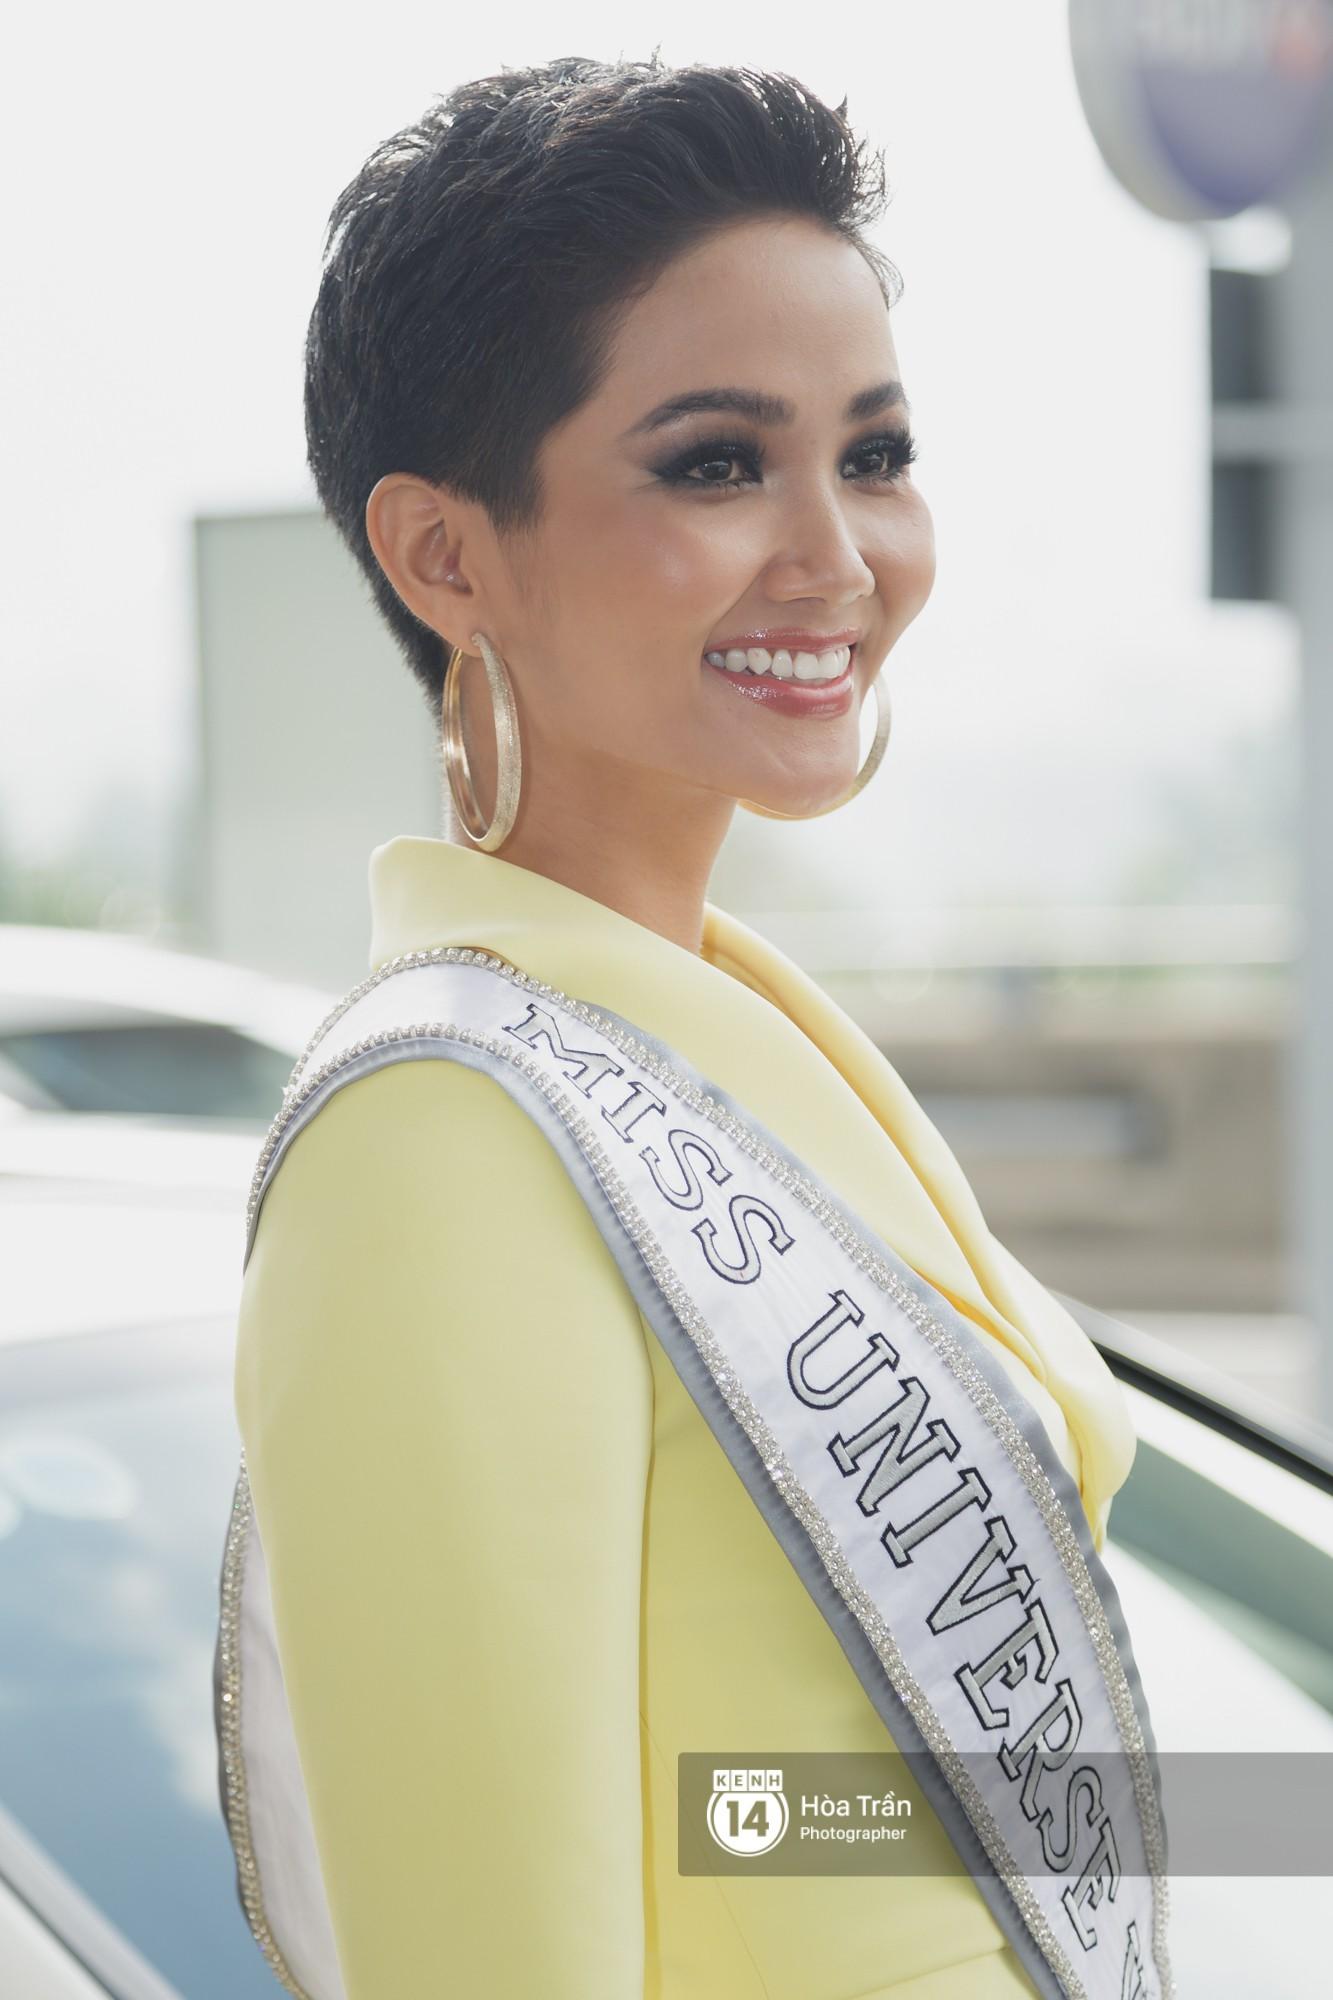 Gia đình HHen Niê diện trang phục người Ê-Đê, tiễn chân con gái bản làng đến Thái tham dự Miss Universe - Ảnh 3.